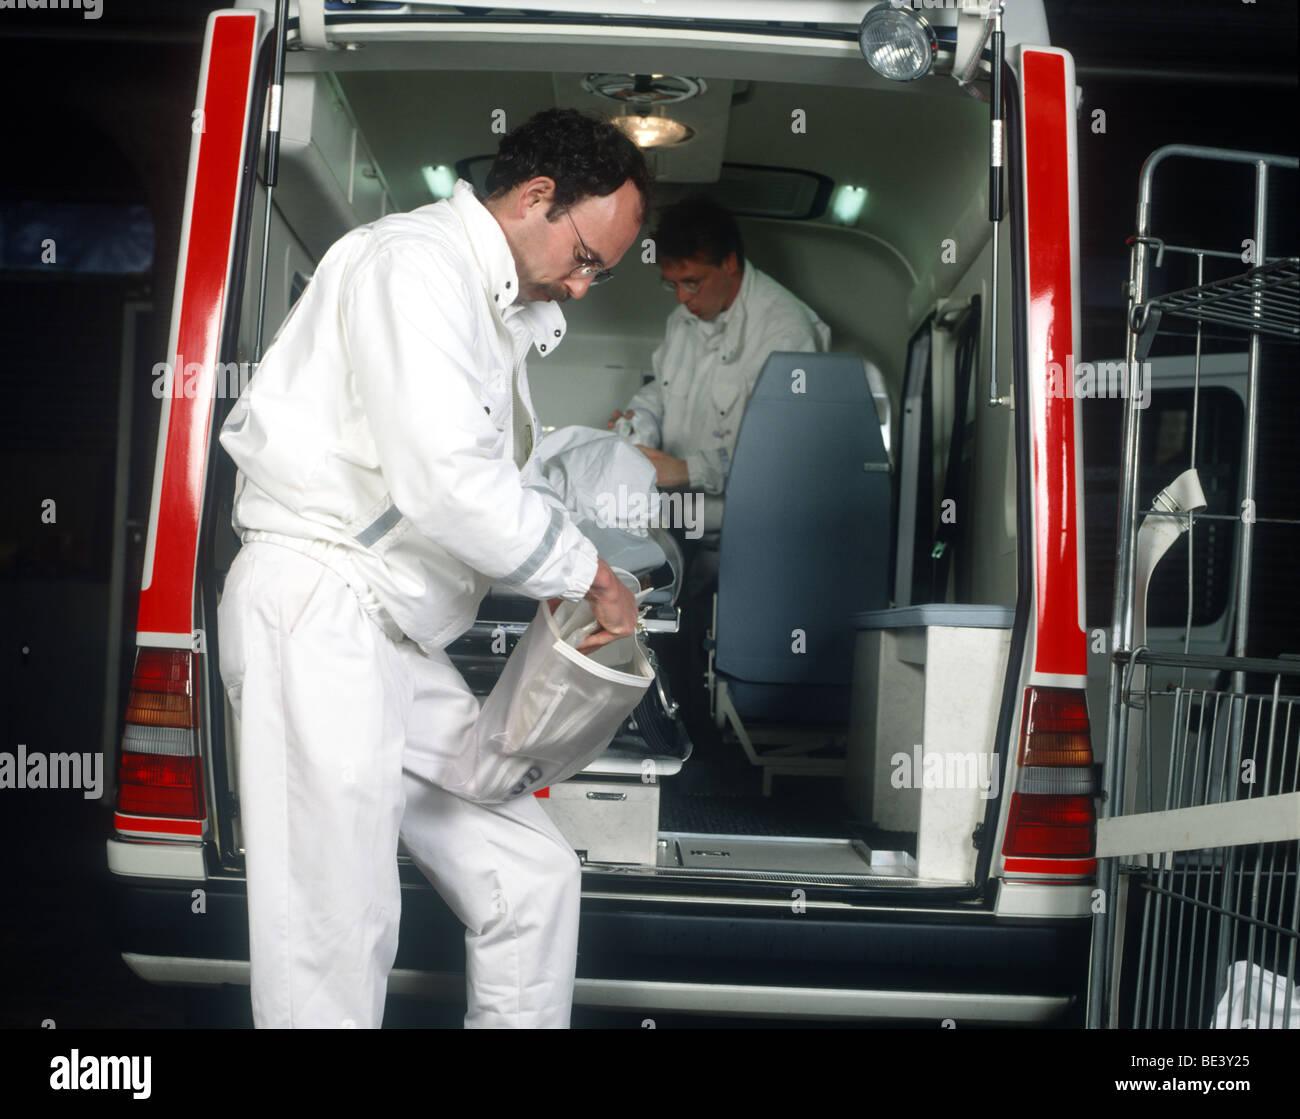 Ambulance medics cleaning the ambulance SerieCVS100023163 - Stock Image